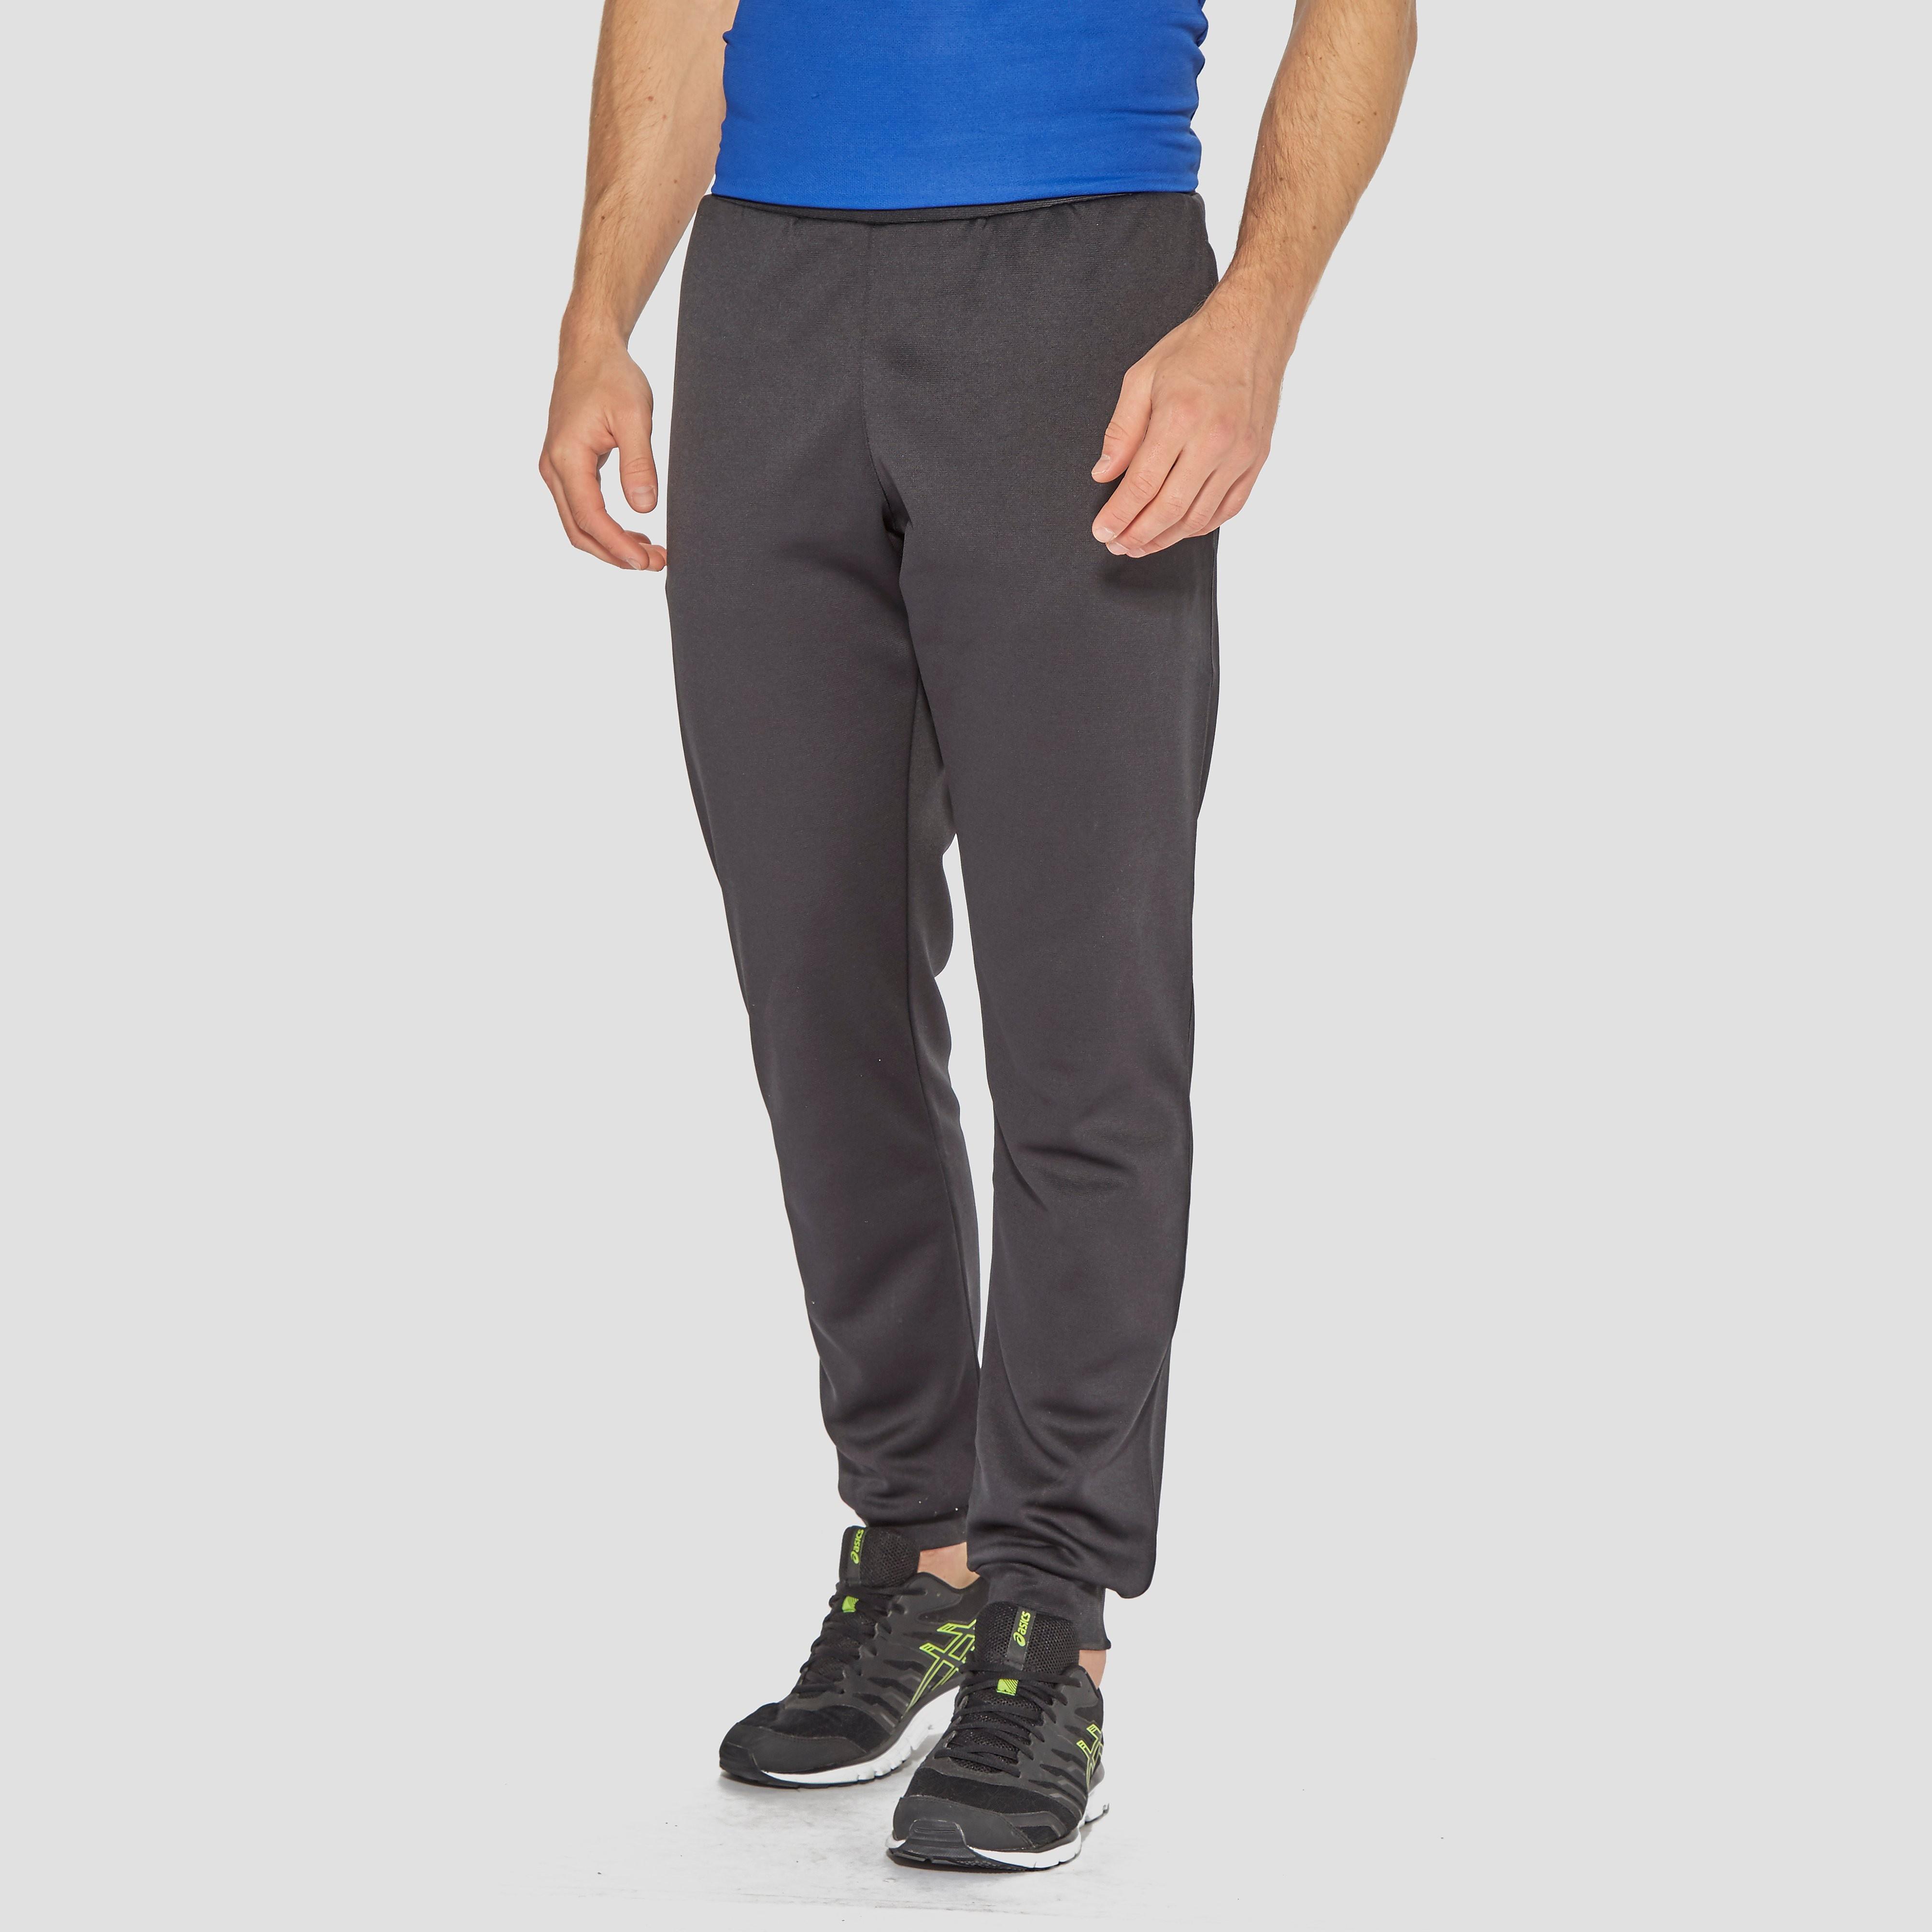 Canterbury Tapered Men's Fleece Pants